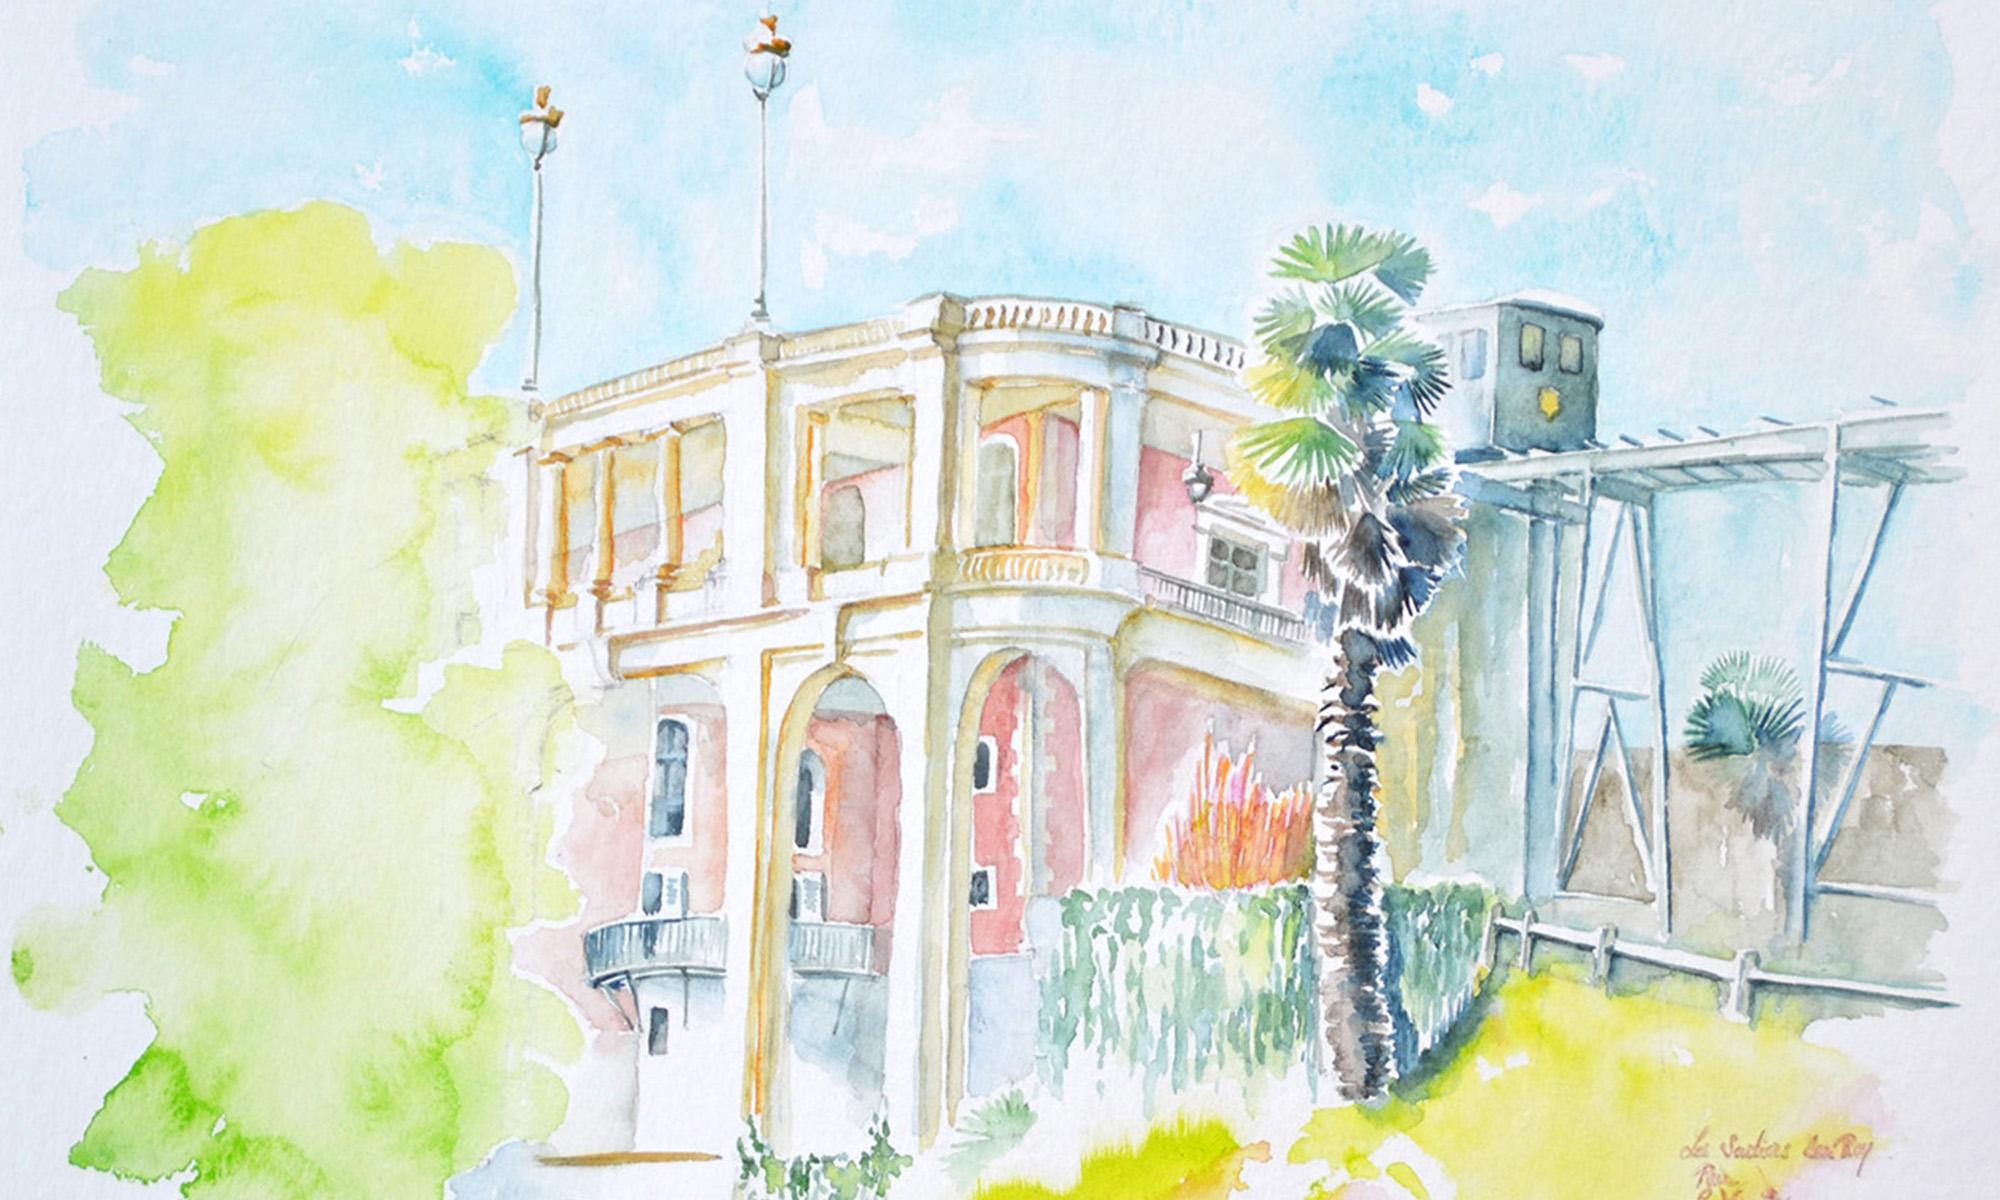 A l'aquarelle, un bâtiment aux couleurs roses, vu du bas. Sur le sommet, une rambarde de terrasse surmontée de deux lampadaires. A droite, un funiculaire arrive sur la terrasse. A la jonction de la terrasse et du funiculaire, le sommet d'un palmier planté à la base du bâtiment. La végétation qui encadre le bâtiment est vert anis ou vert pomme